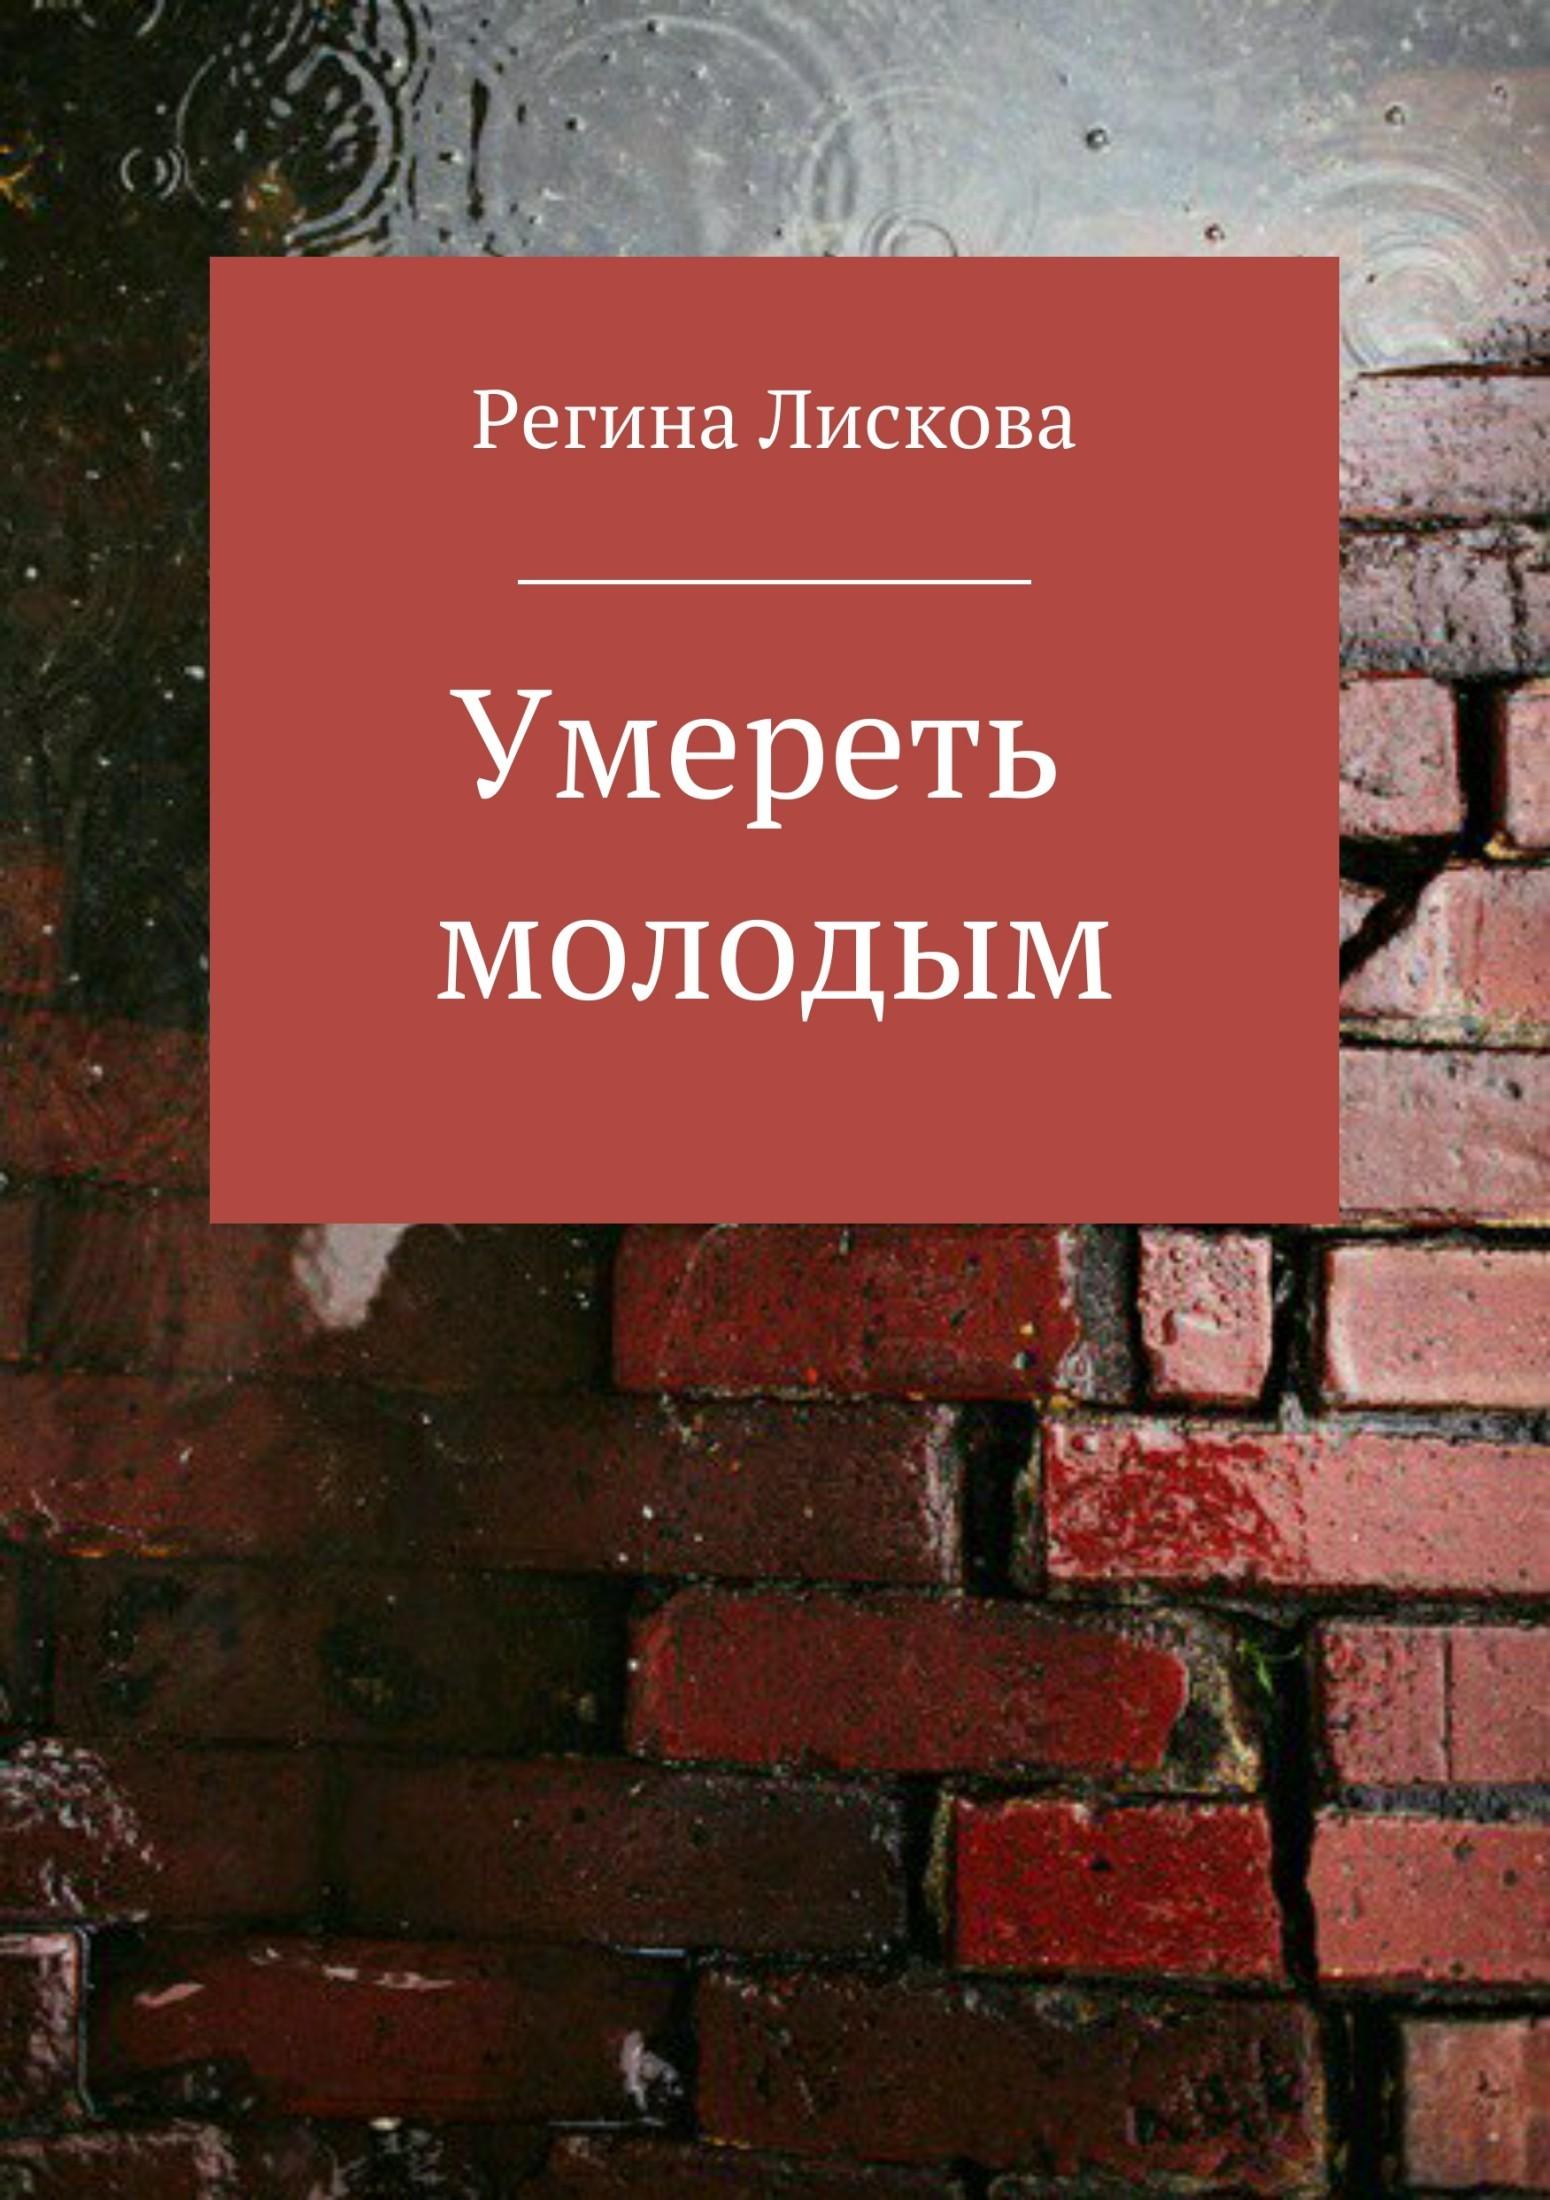 Обложка книги Умереть молодым, автор Регина Игоревна Лискова